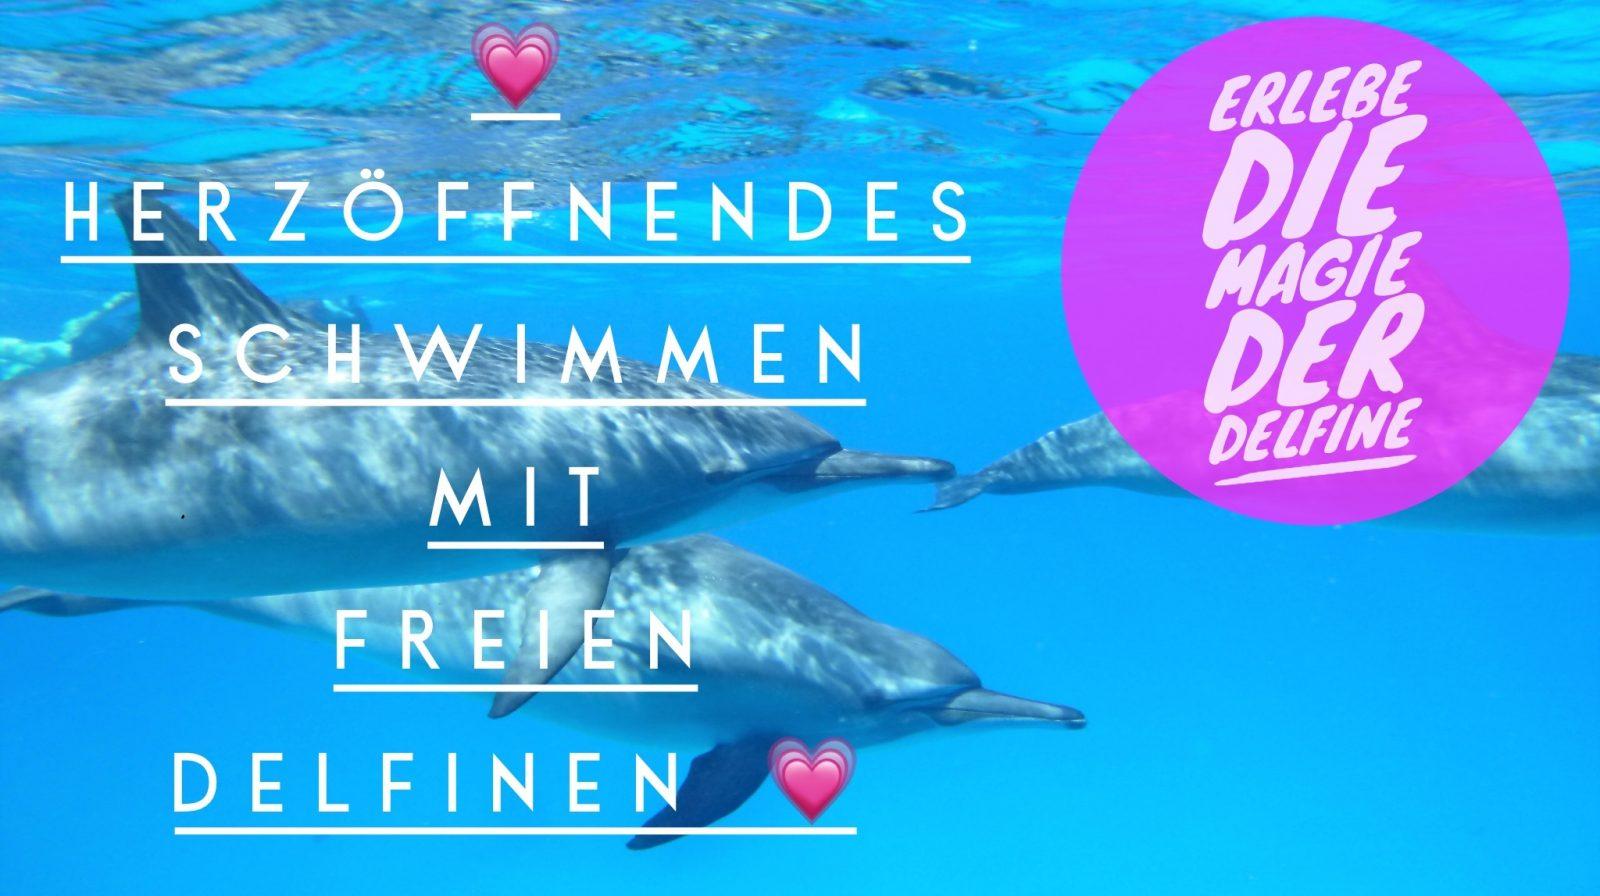 Magie der Delfine